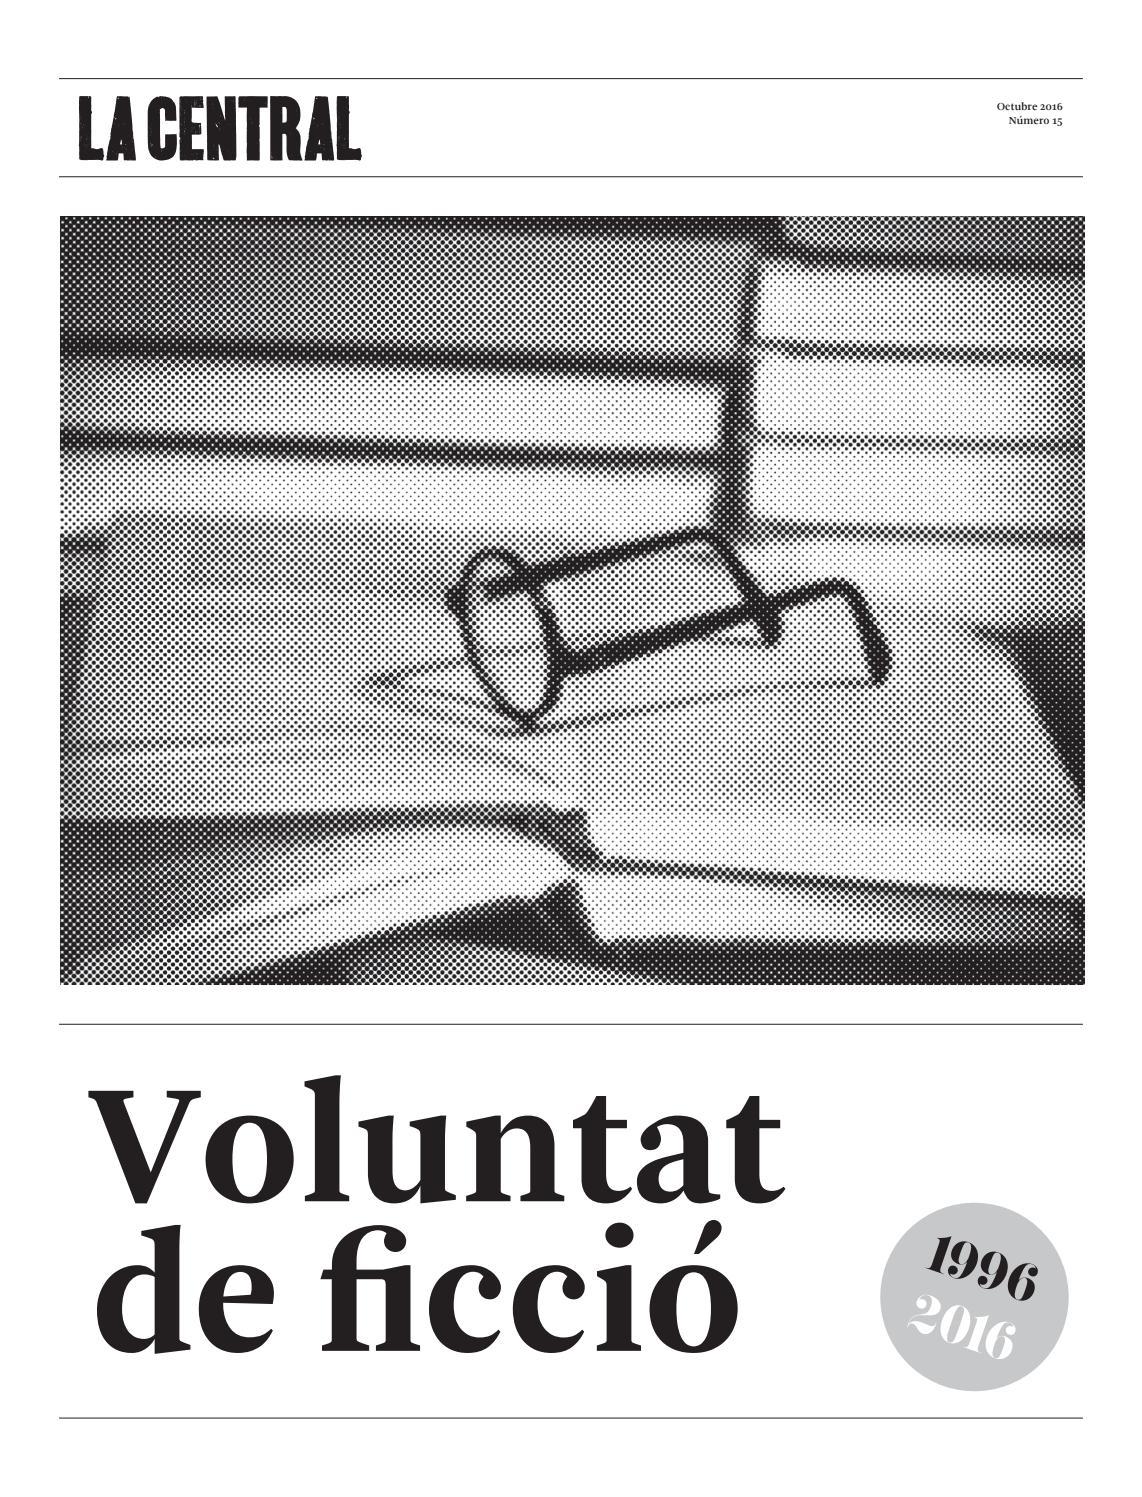 Diari La Central Octubre 2016 by webmaster LaCentral - issuu